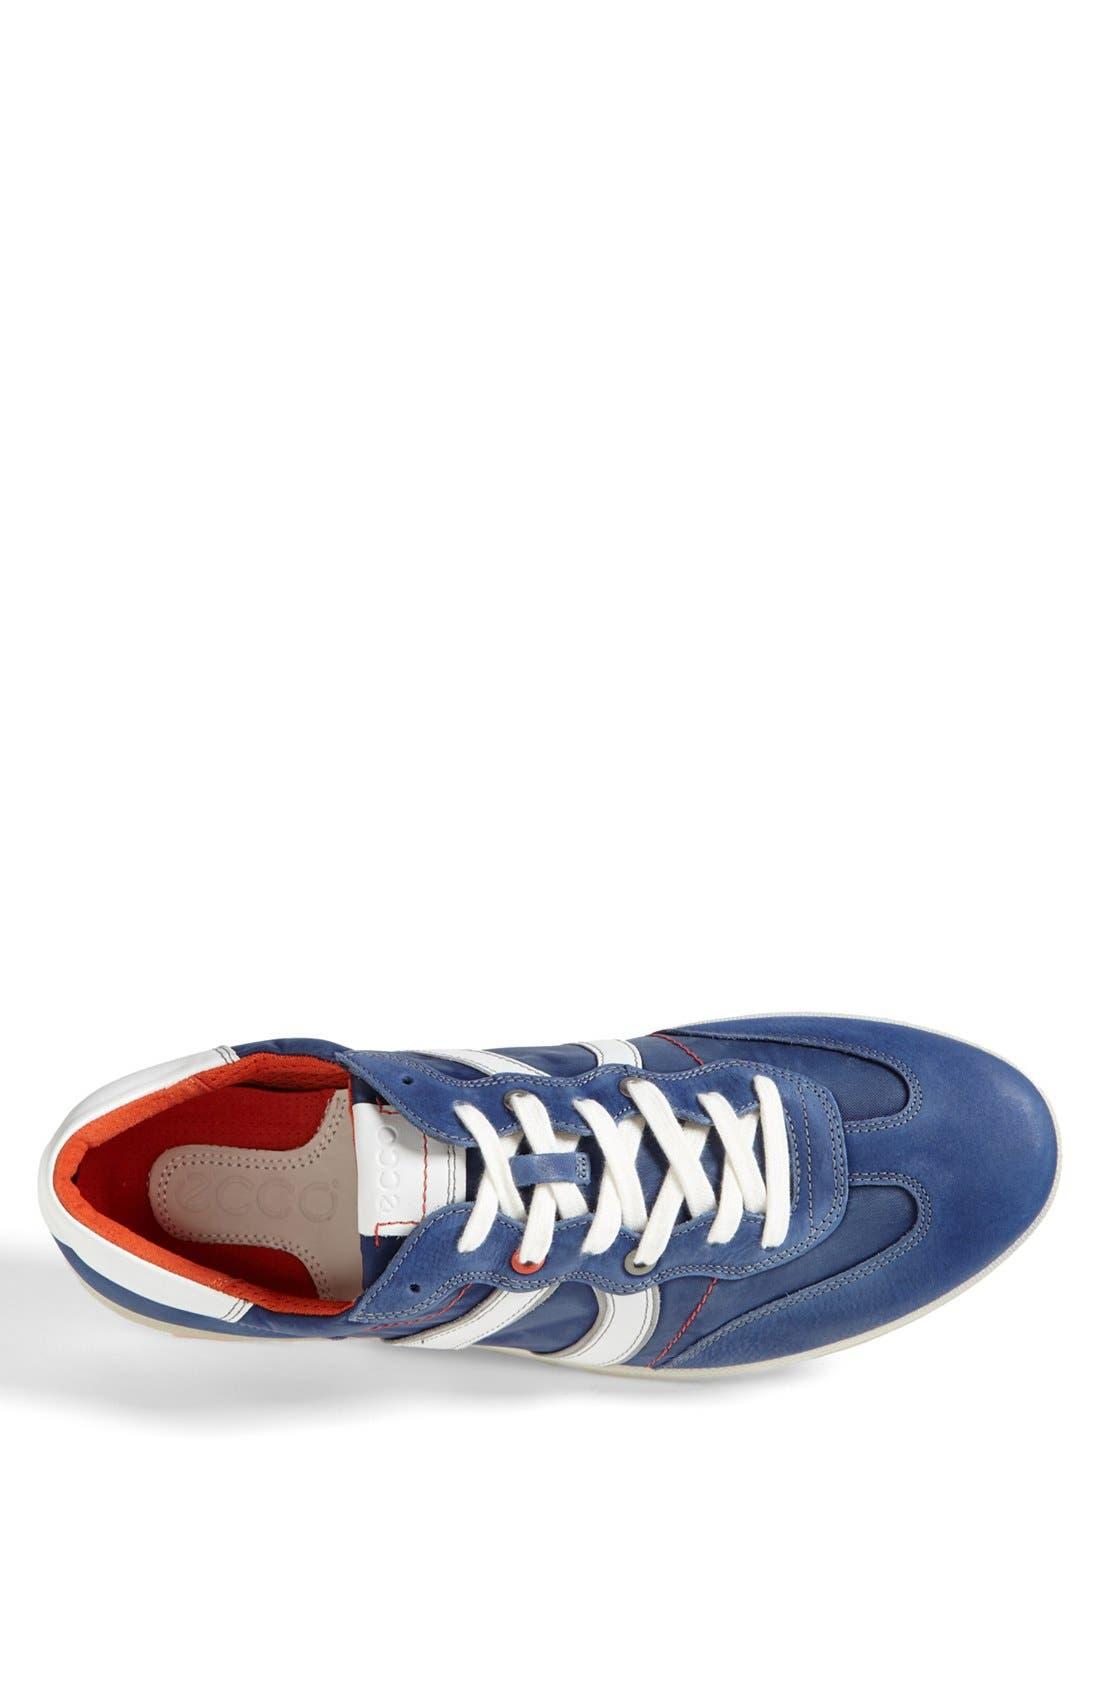 Alternate Image 3  - ECCO 'Jogga' Sneaker